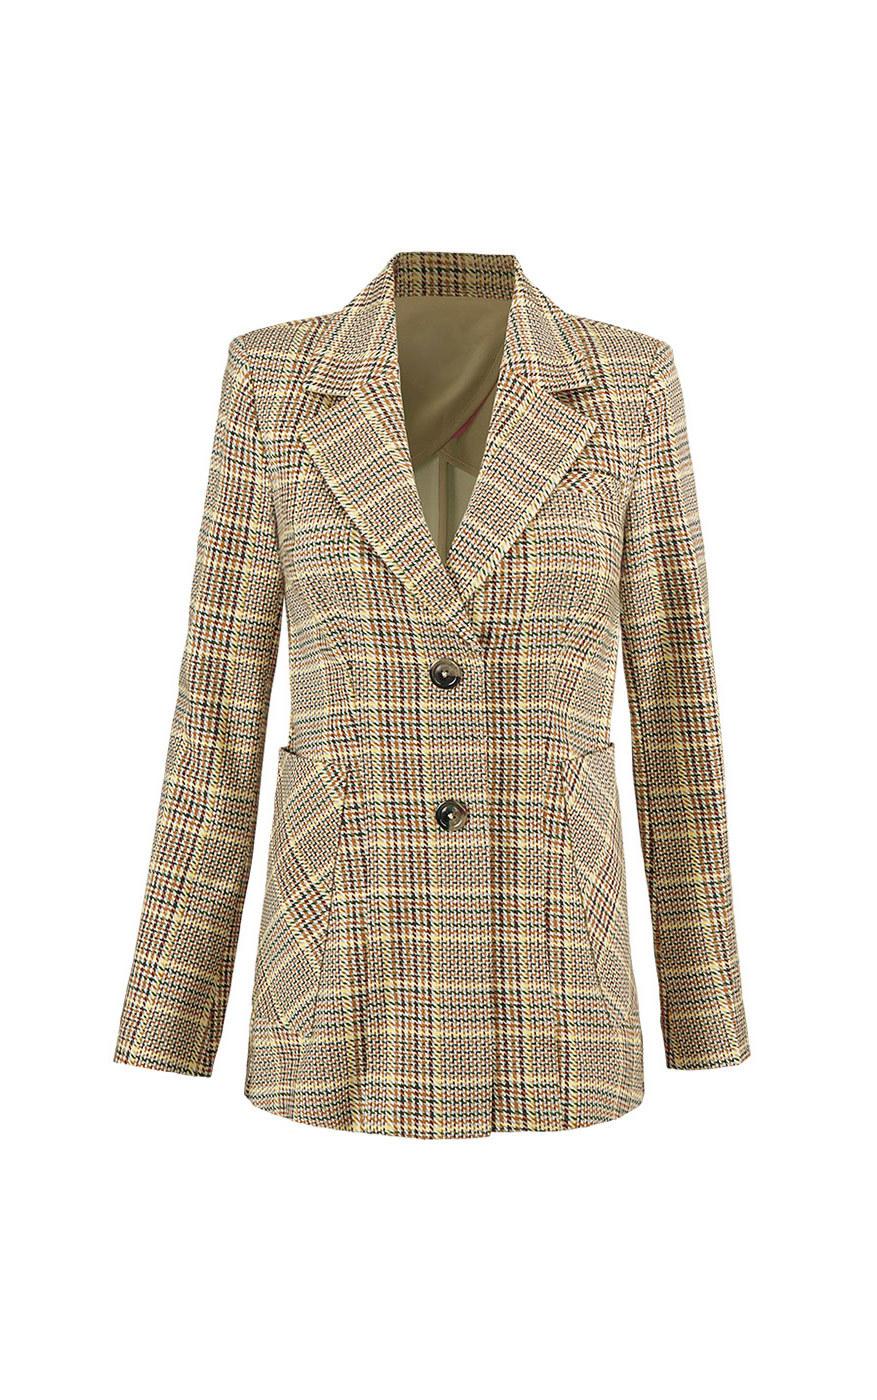 cabi's Pastime Jacket